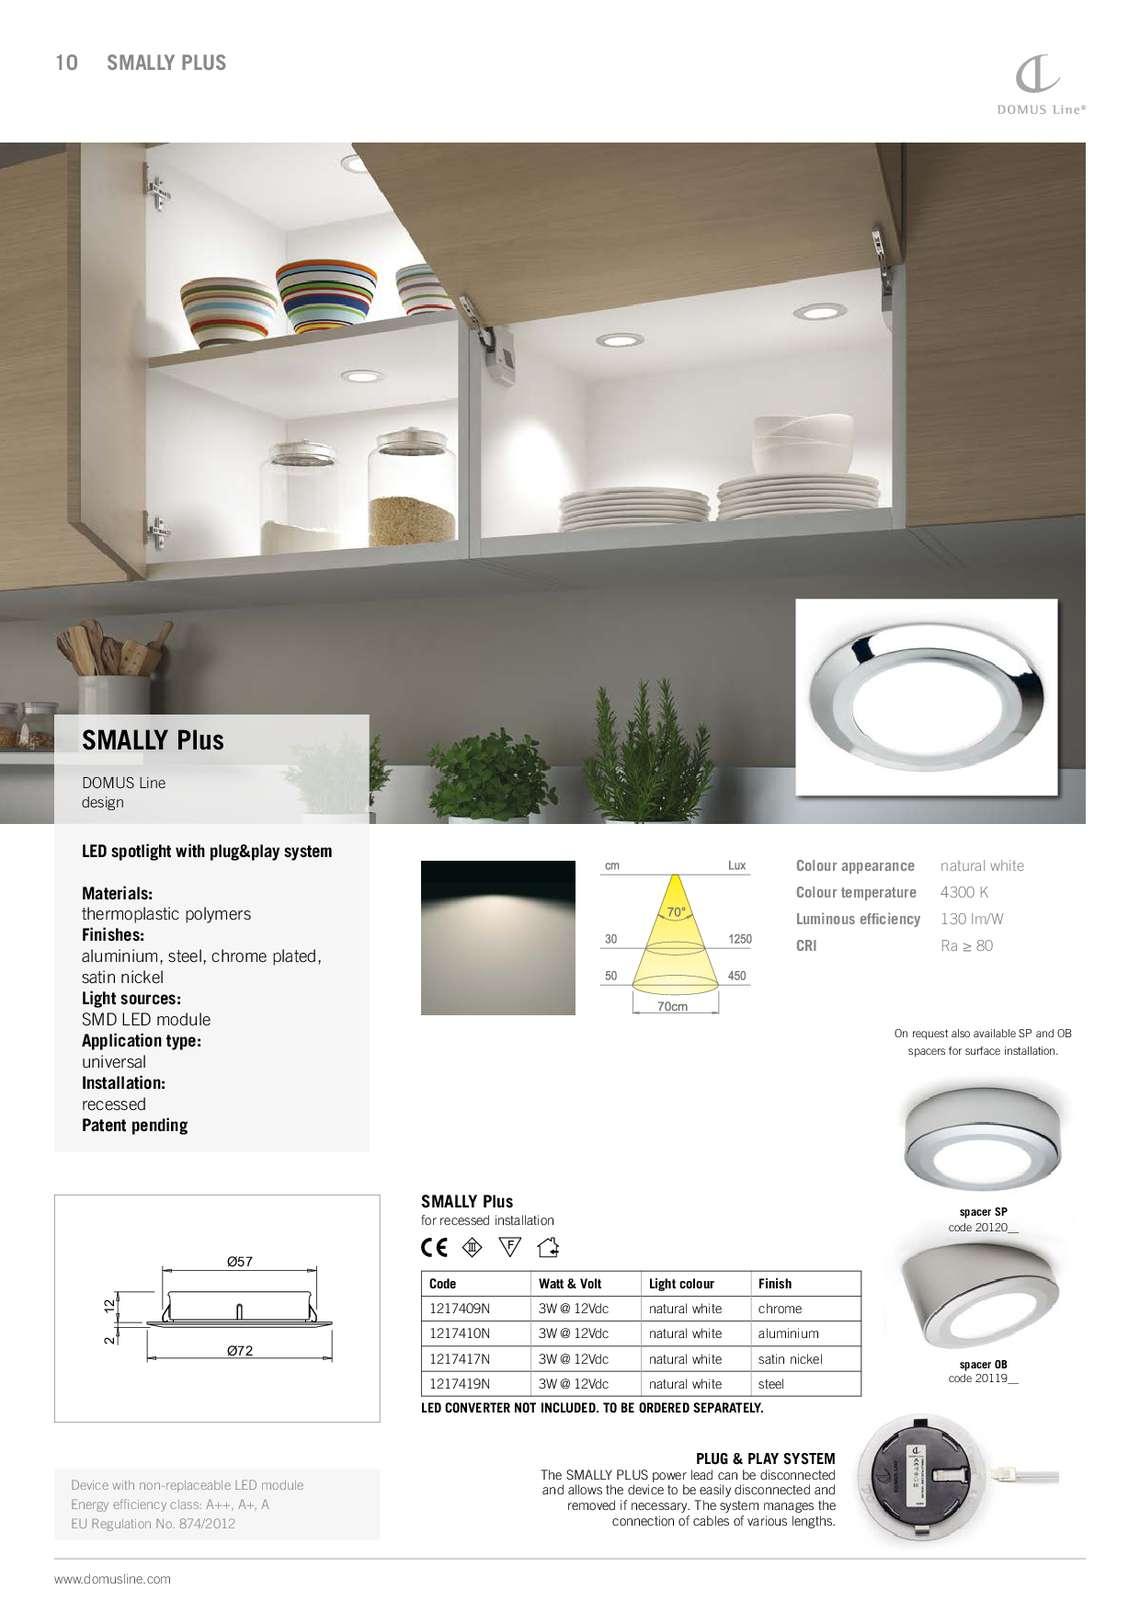 domus-line-top-seller_27_011.jpg